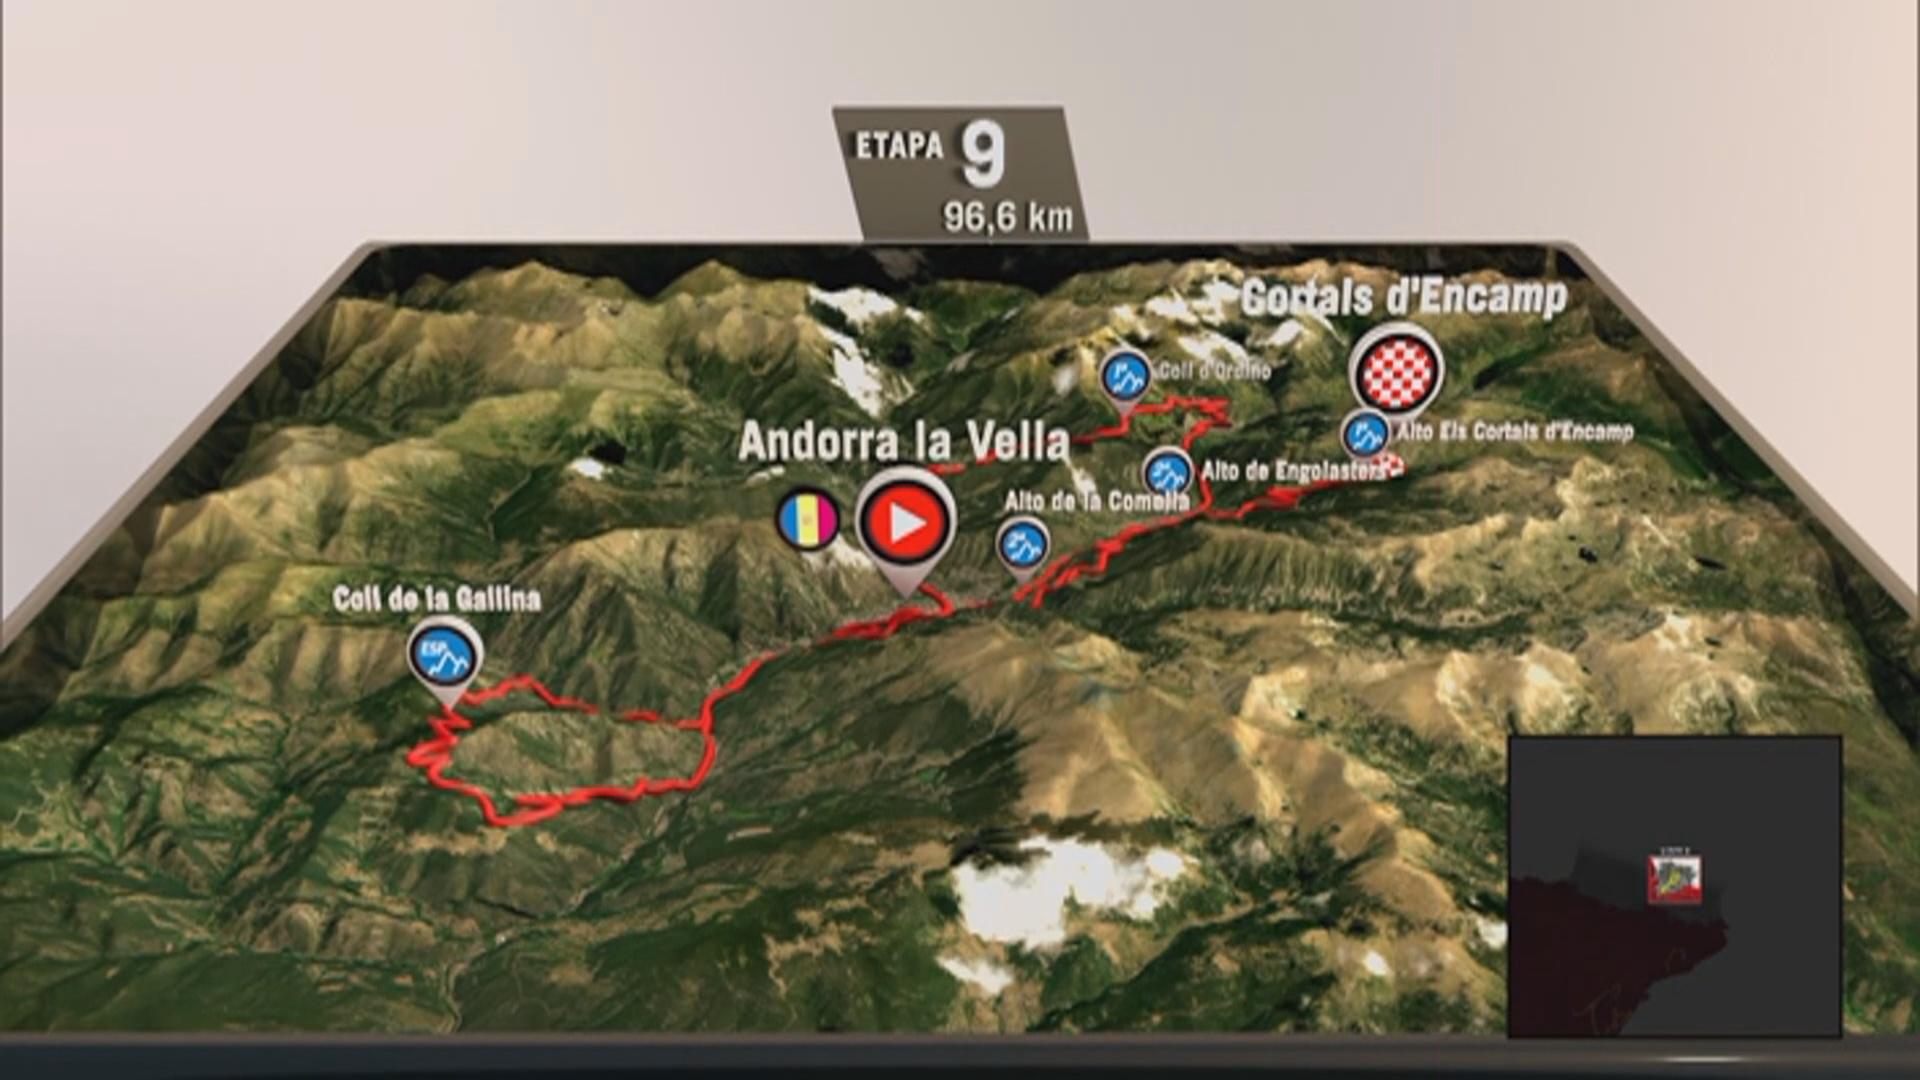 Andorra tindrà una de les etapes més dures de la Vuelta 2019